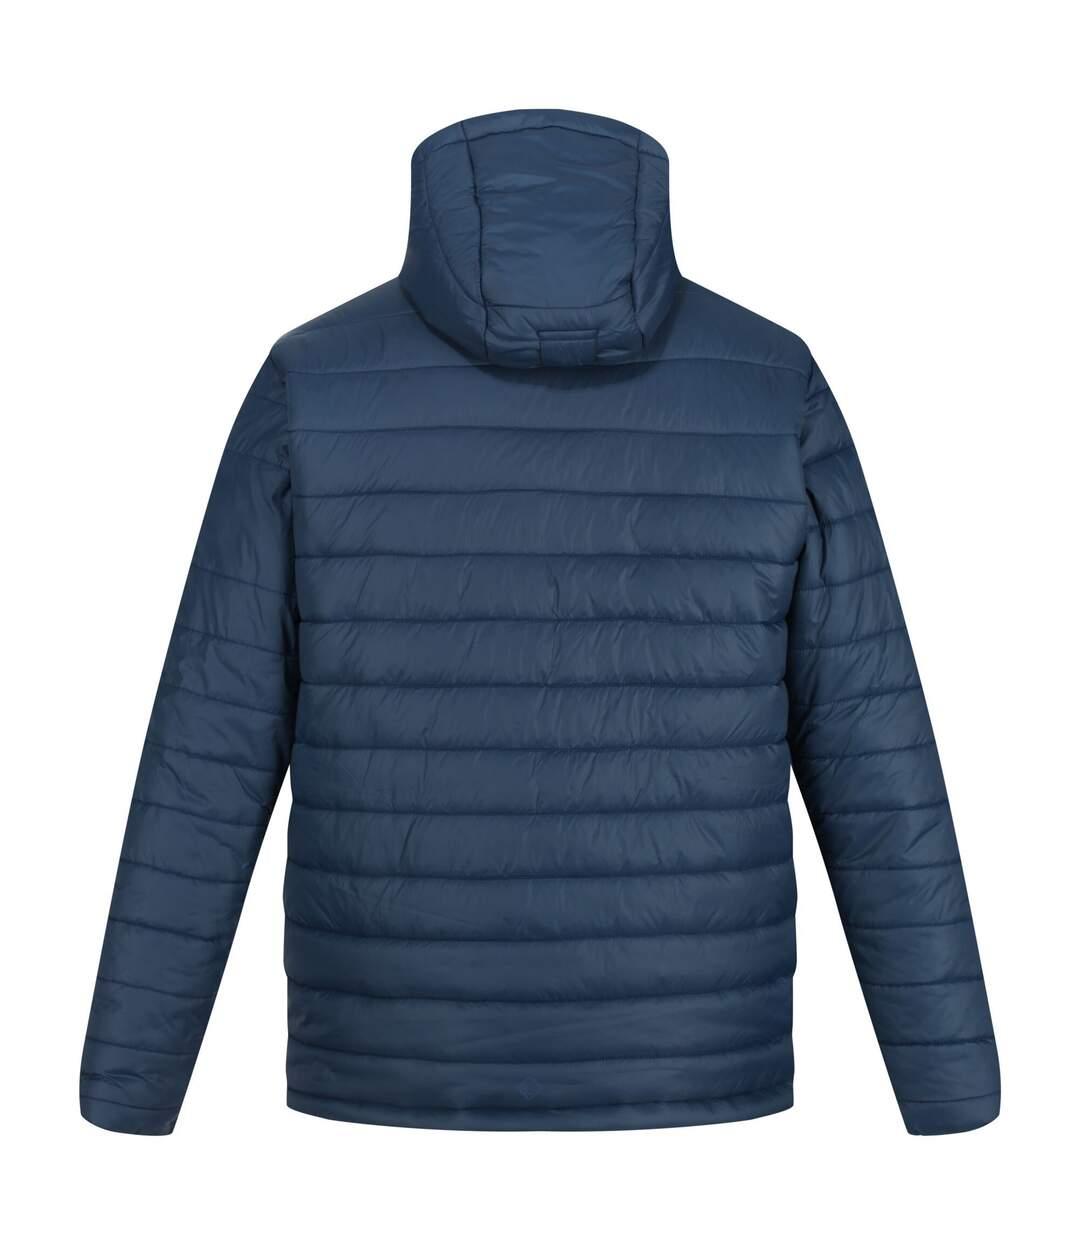 Regatta Mens Volter Loft Heated Insulated Jacket (Nightfall Navy) - UTRG5674